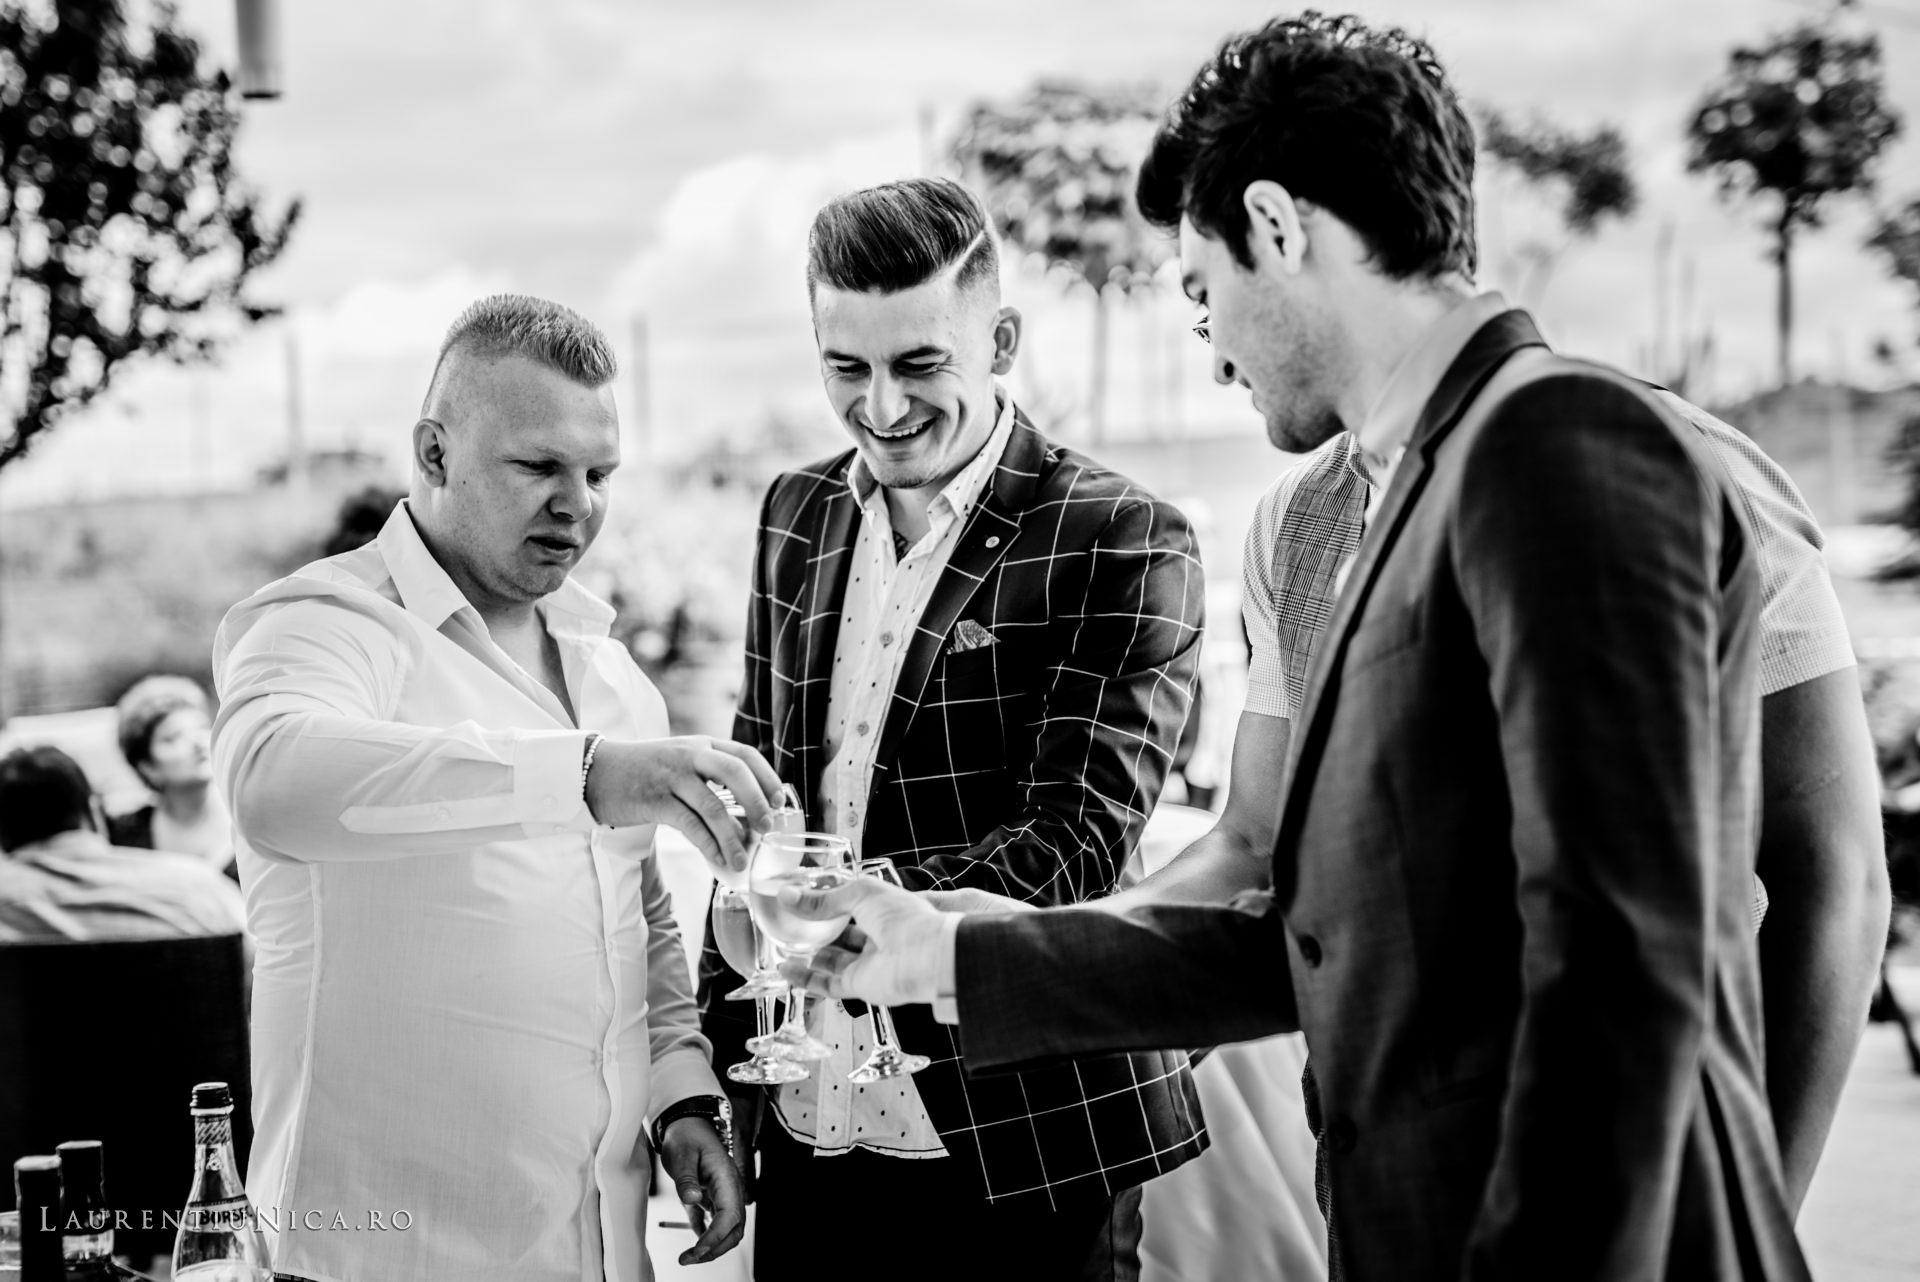 denisa si catalin fotograf nunta laurentiu nica craiova 06 - Denisa si Catalin | Fotografii nunta | Craiova